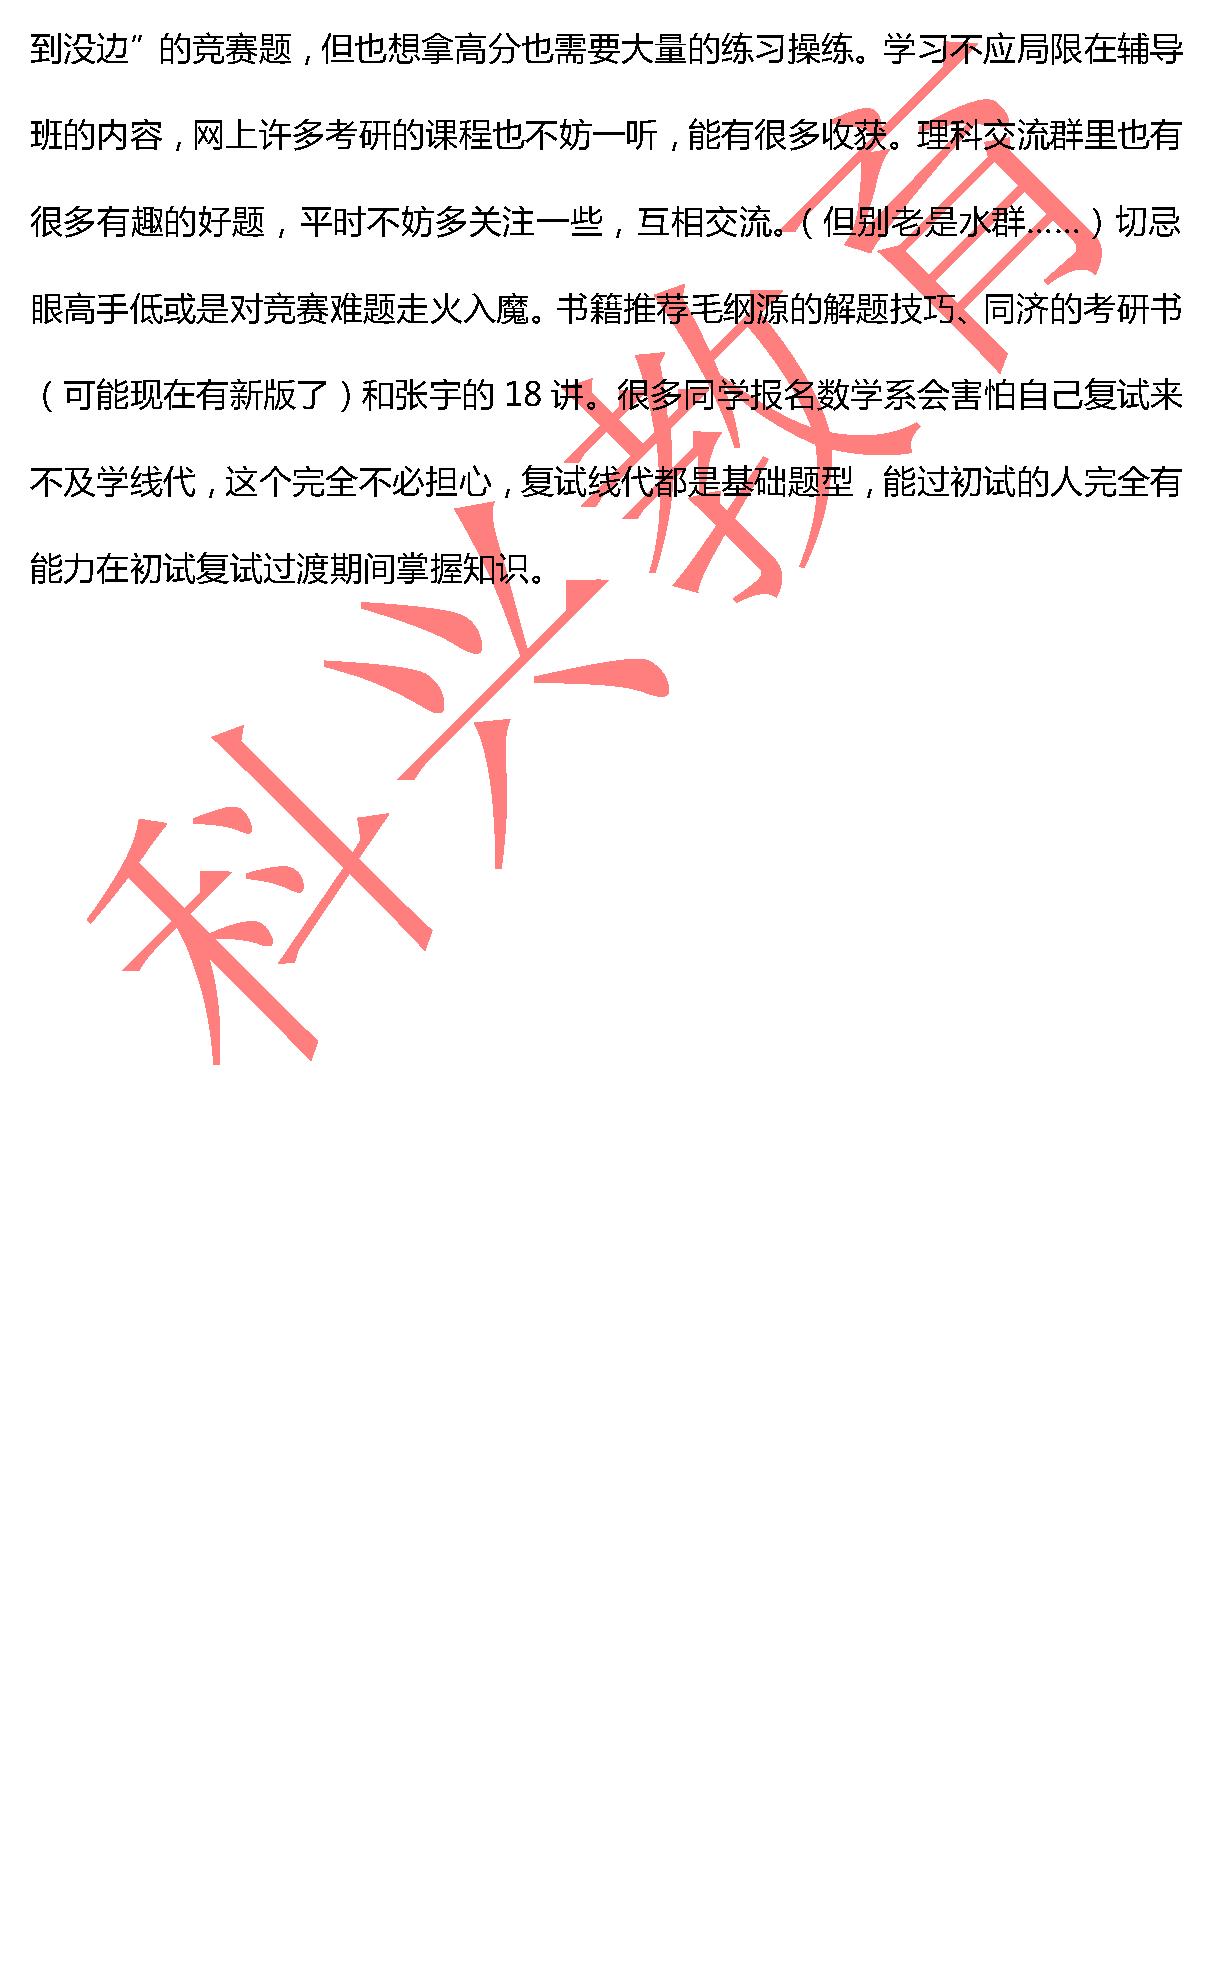 华东师大姚禹:考插心得分享(17届)